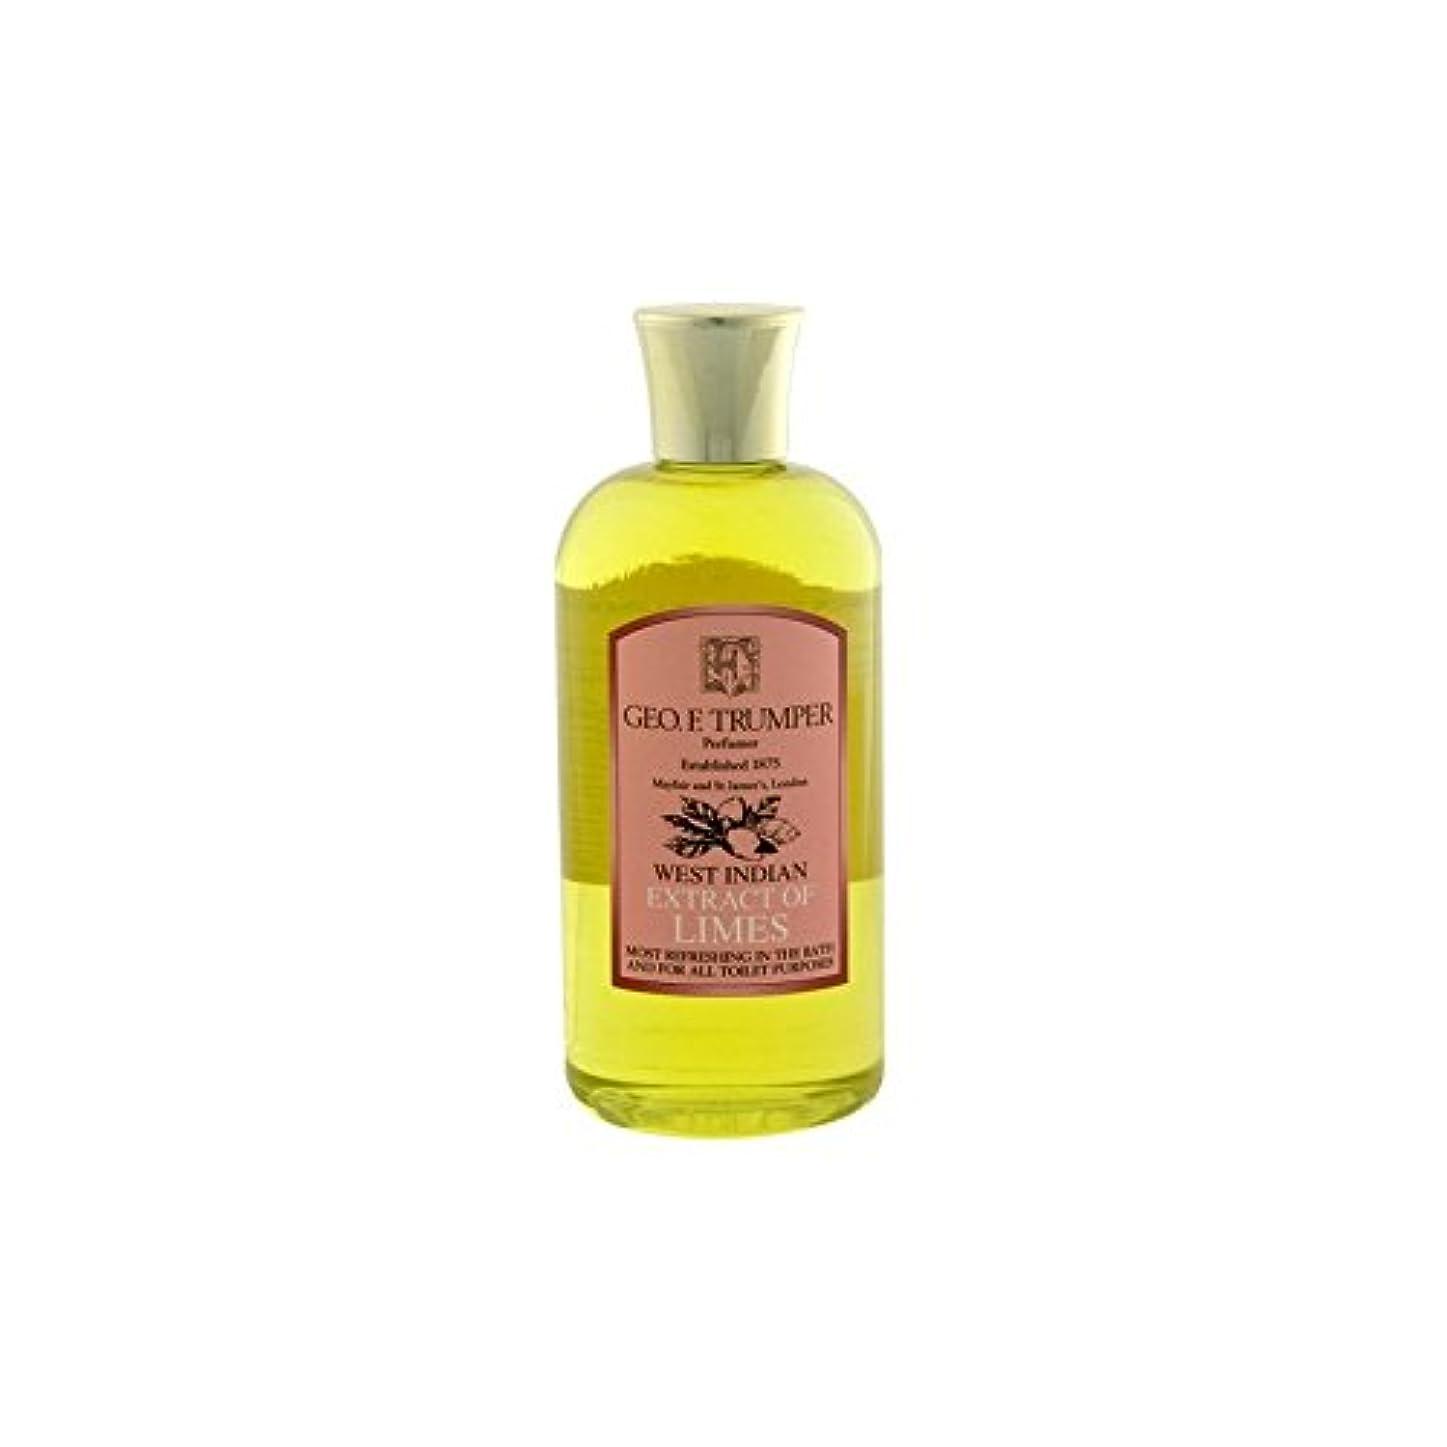 ひいきにする好意的証拠ライムのバス&シャワージェル - 500ミリリットル旅 x2 - Trumpers Limes Bath & Shower Gel - 500ml Travel (Pack of 2) [並行輸入品]